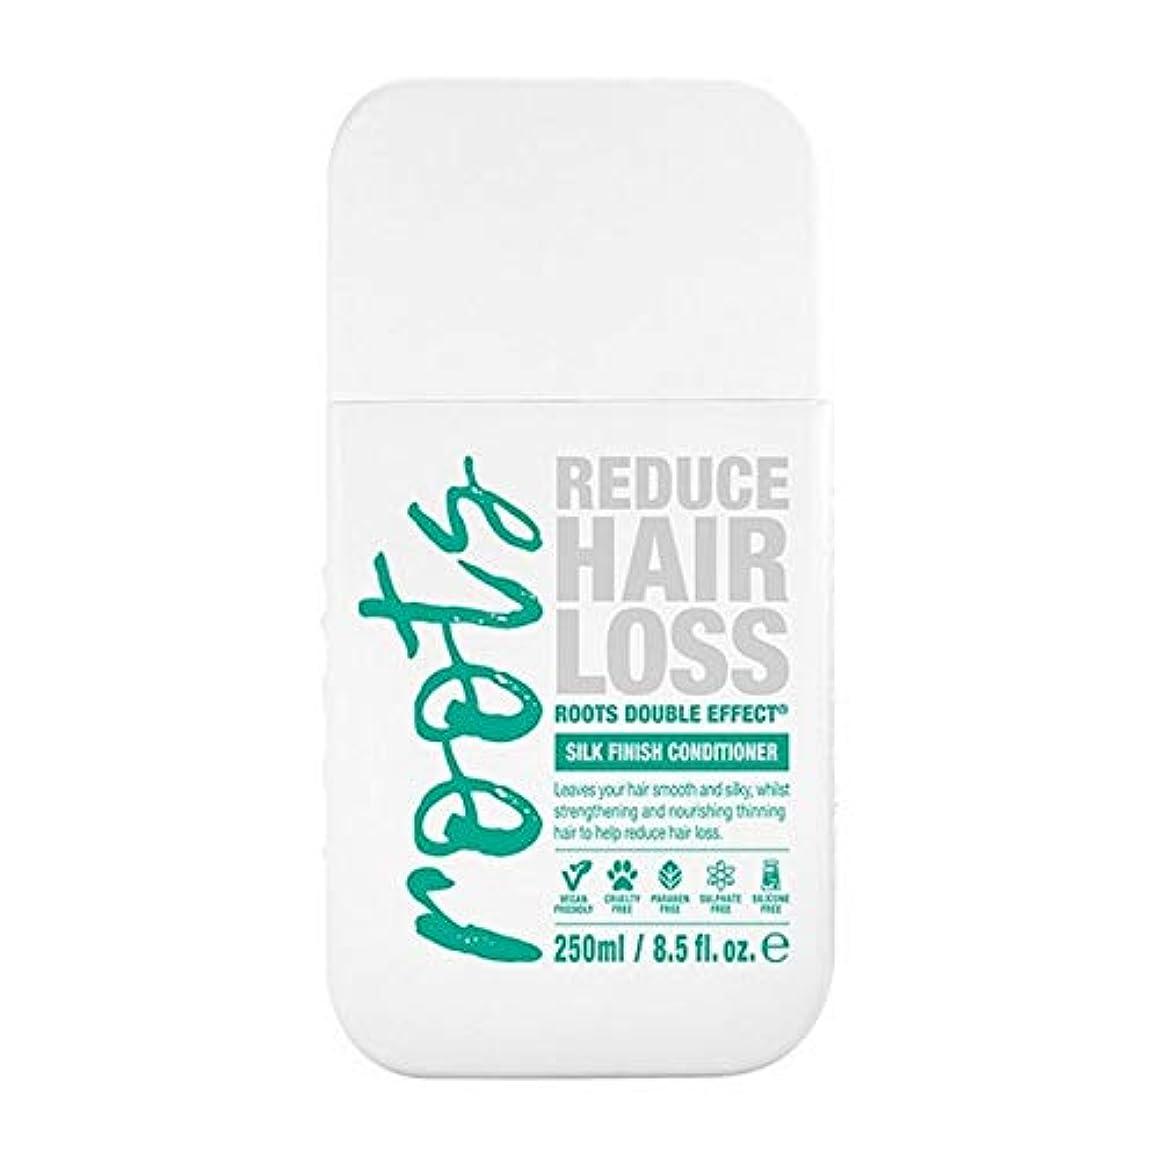 豚曲がった不毛[Roots ] 根のダブル効果育毛シャンプー250Ml - Roots Double Effect Hair Growth Conditioner 250ml [並行輸入品]